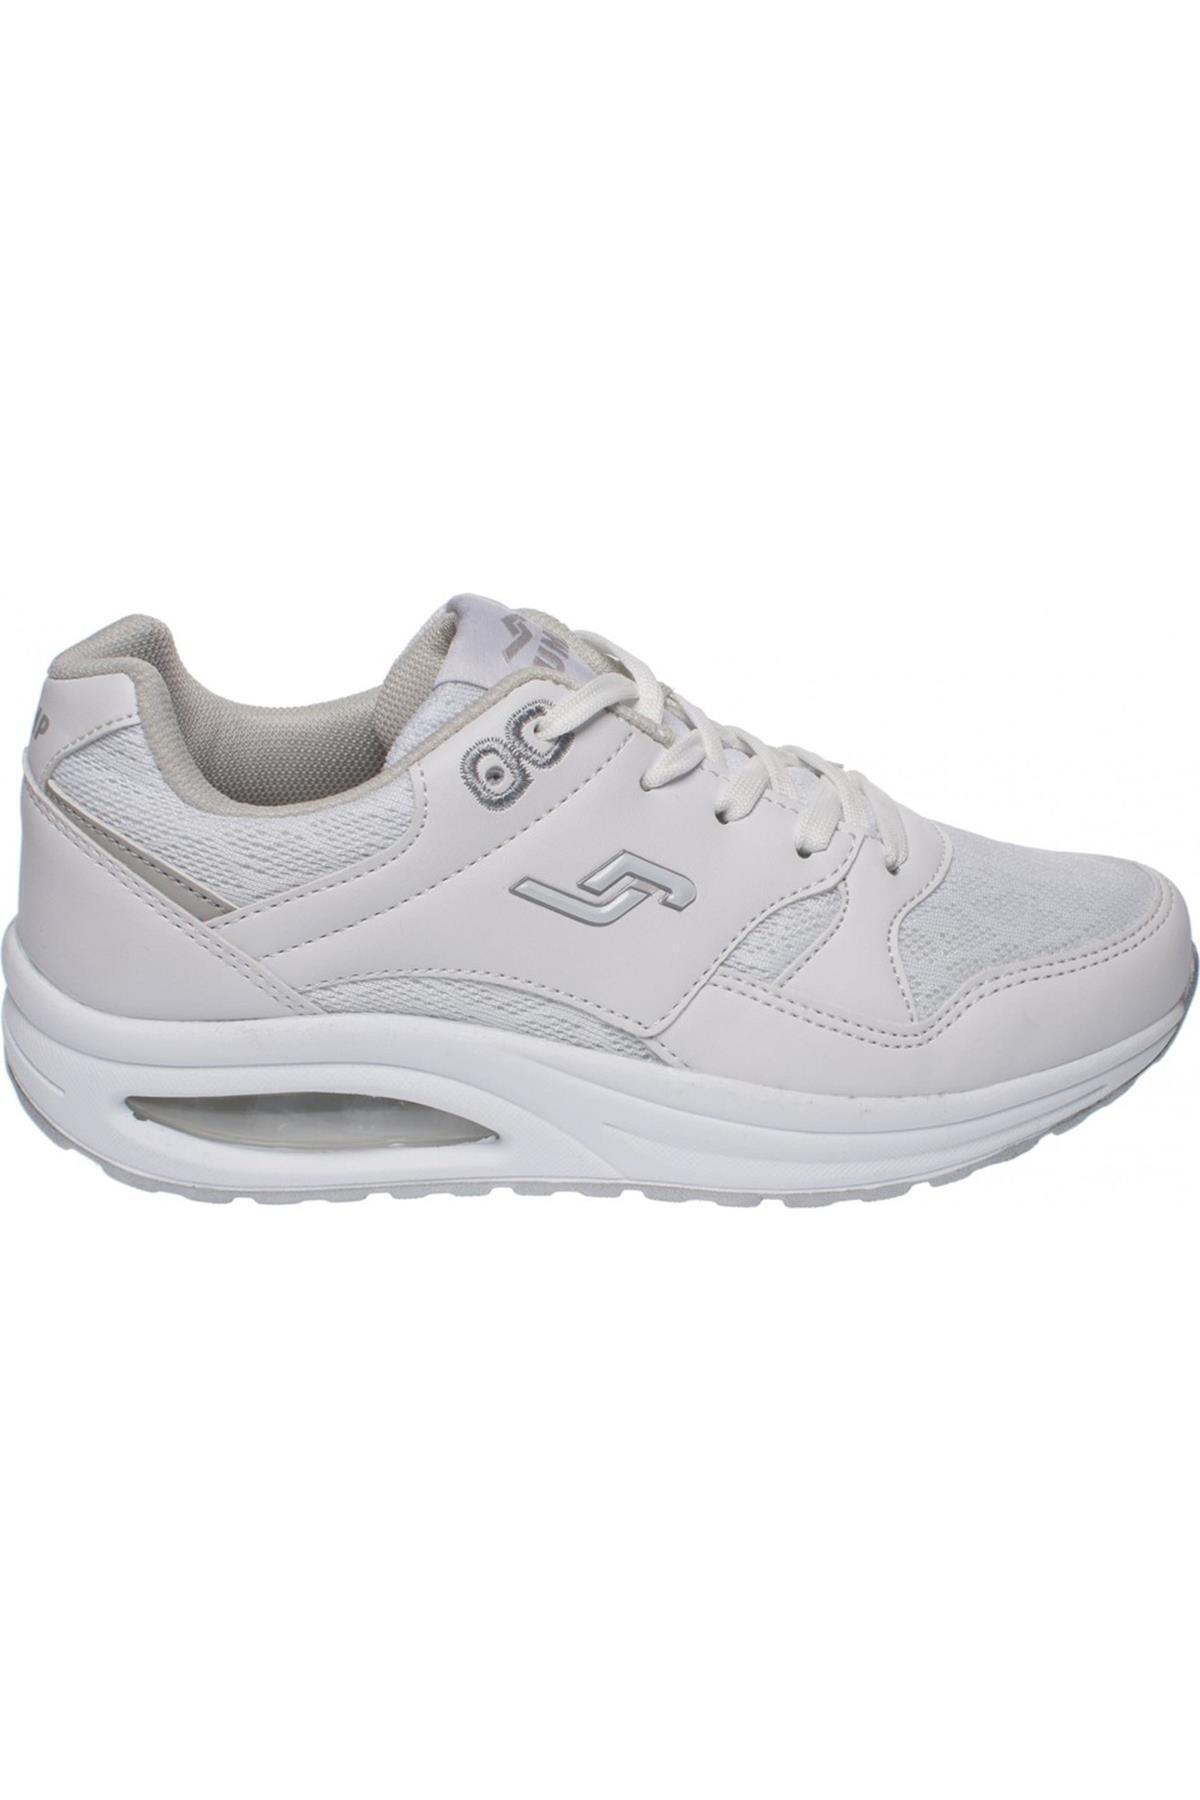 Jump Kadın Hava Tabanlı Rahat Koşu Yürüyüş Ayakkabısı Günlükdede Çok Rahat Kullanılabilir 2